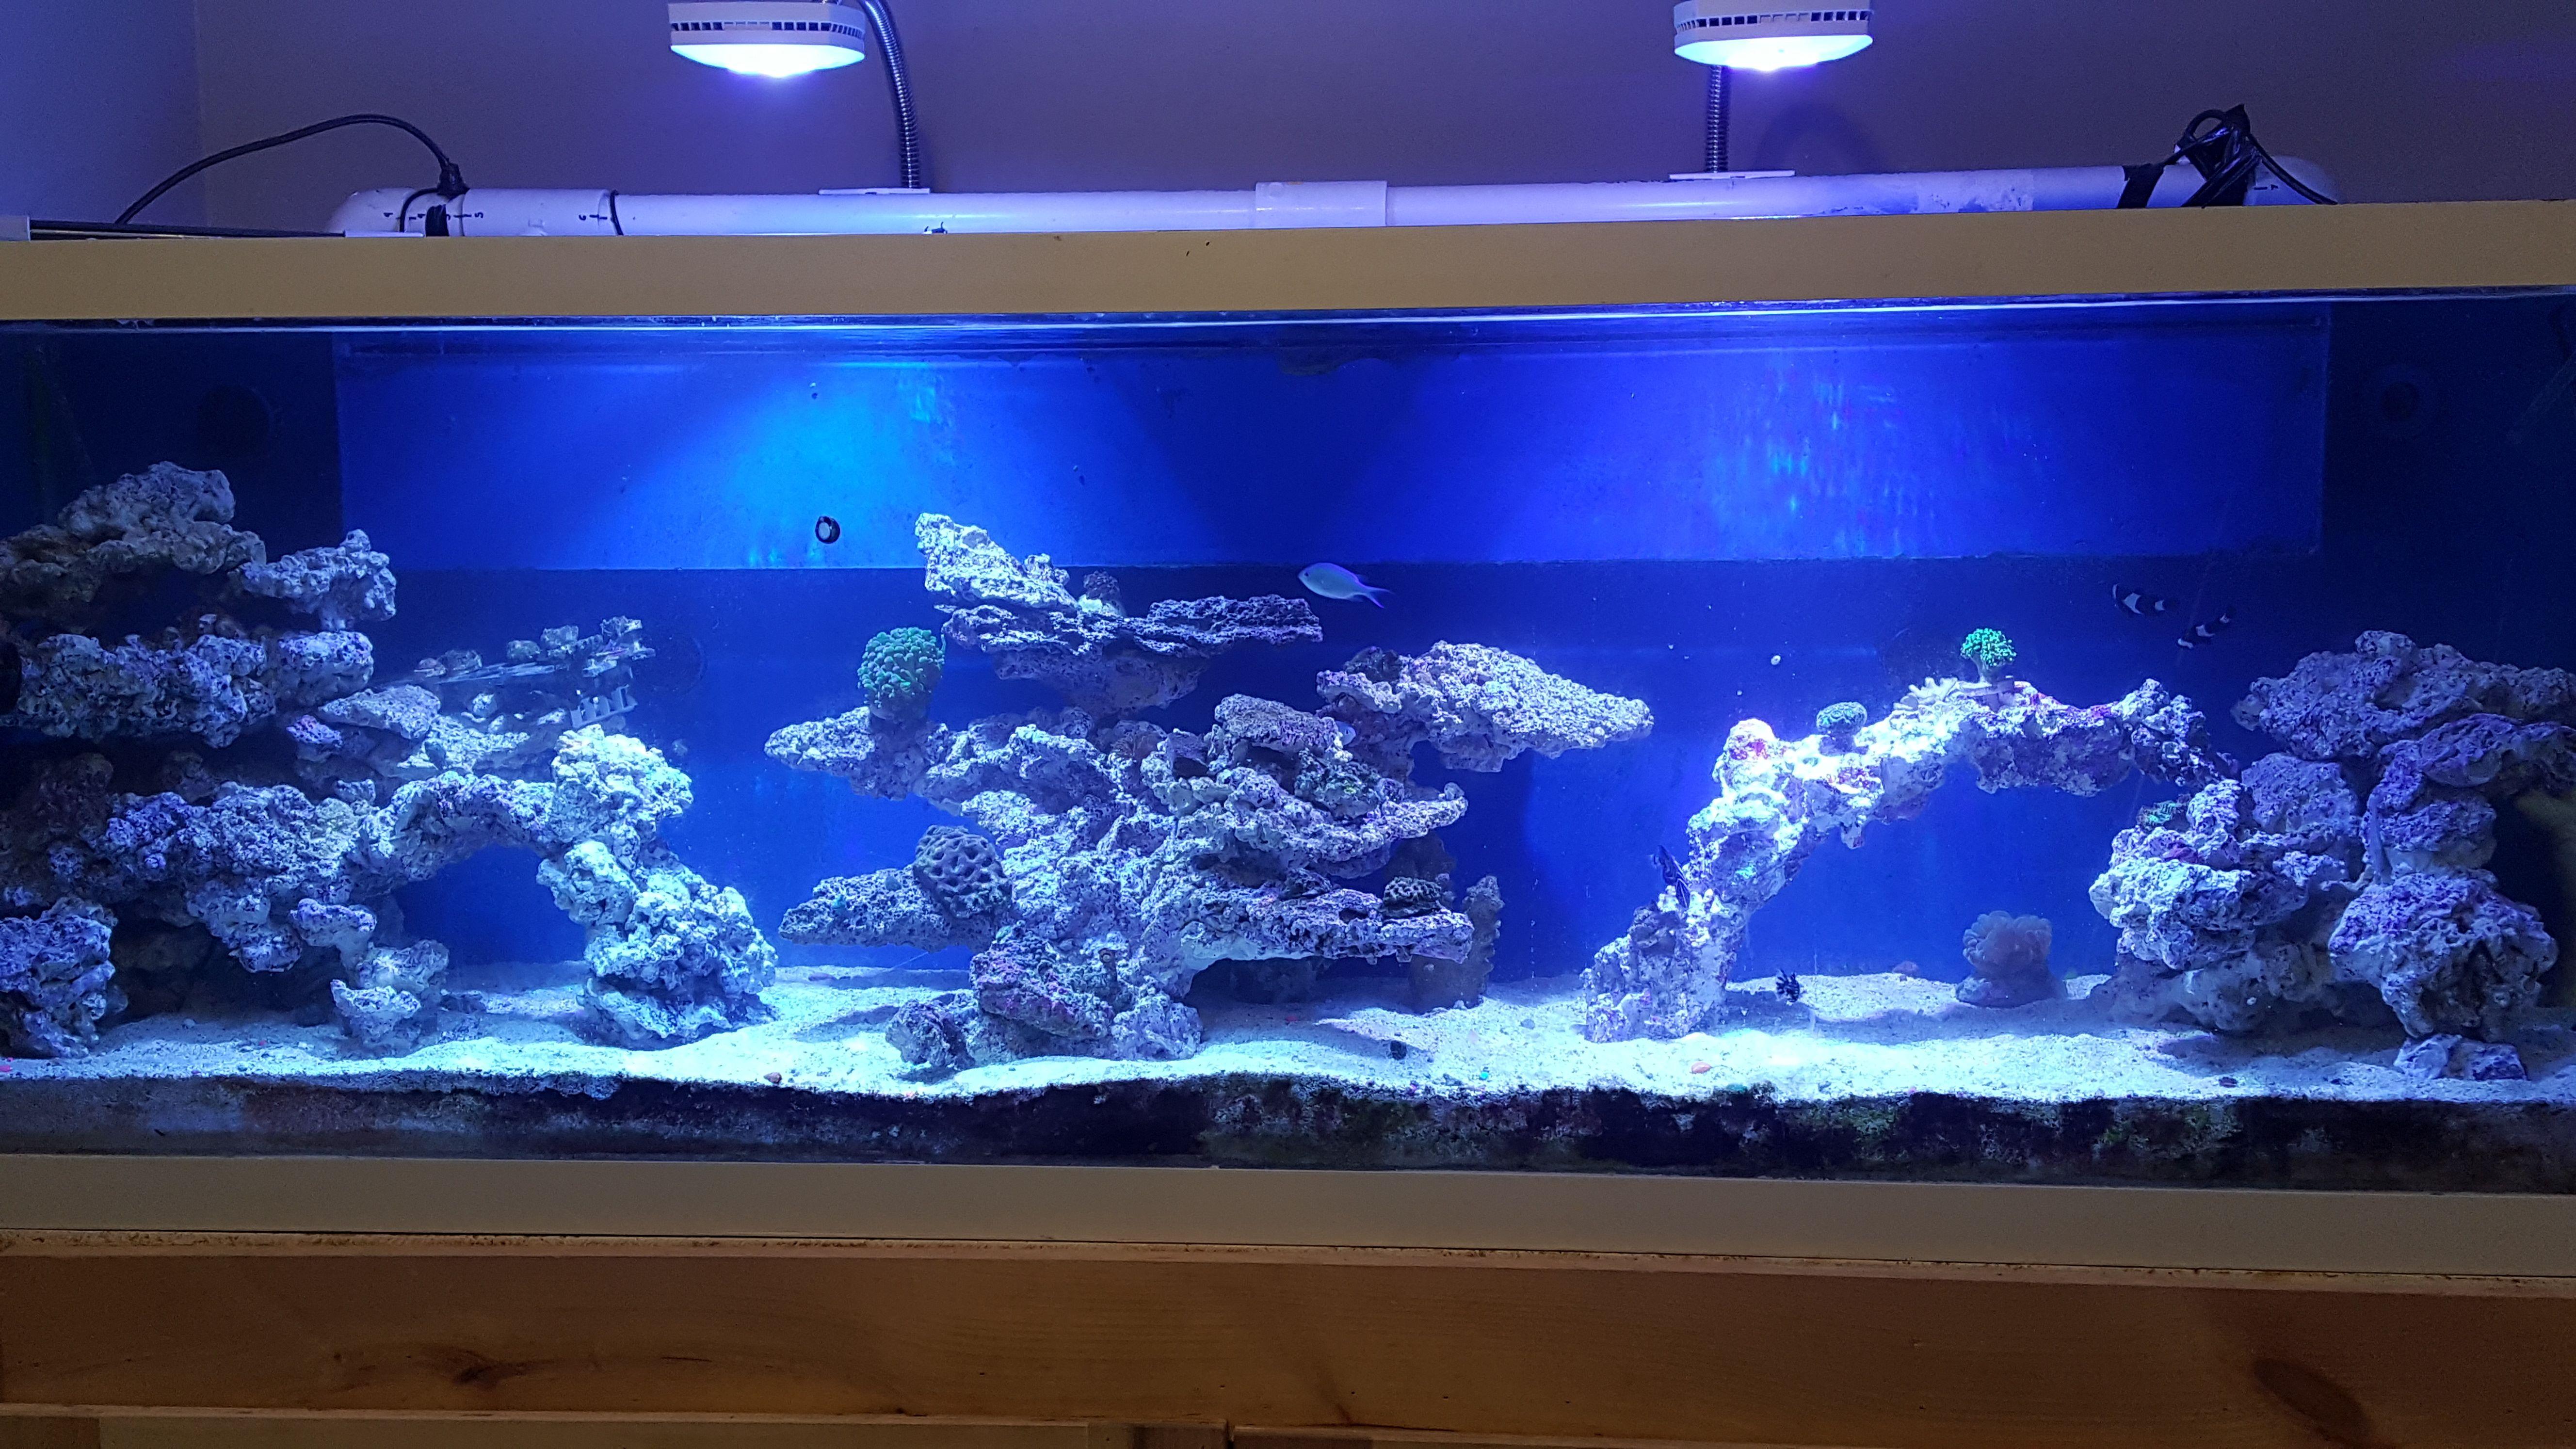 aaf8d88816a554214f2f663831fd18d4 Frais De Aquarium 450 Litres Des Idées